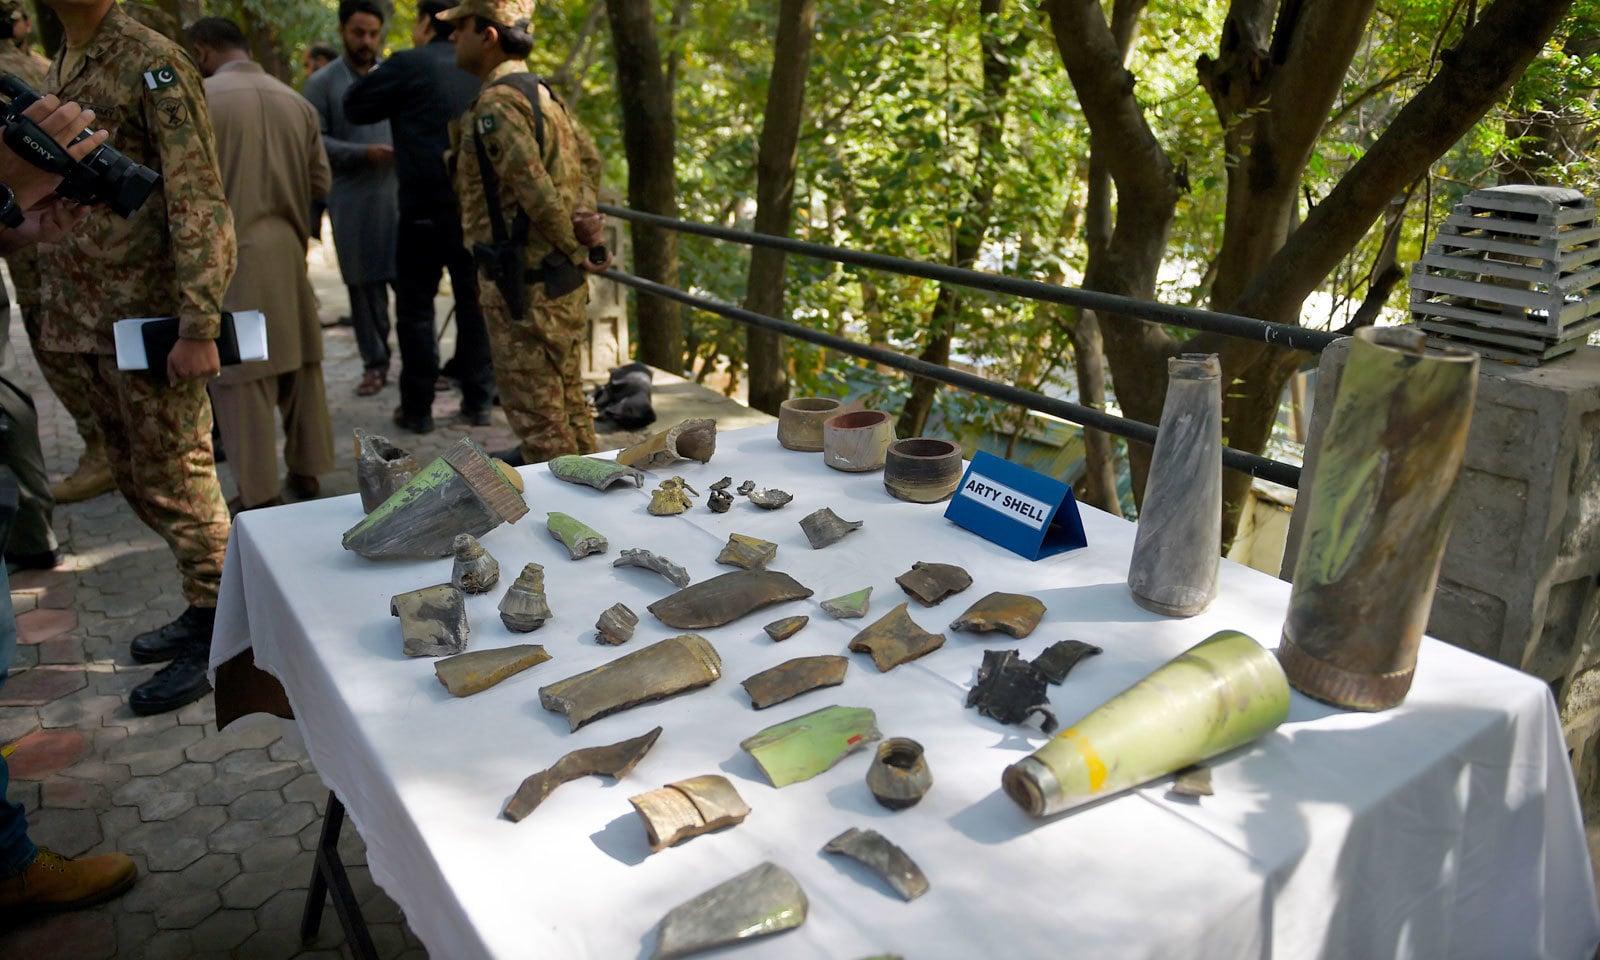 سفرا و ہائی کمشنرز  نے ان ہتھیاروں کا بھی معائنہ کیا جو بھارتی افواج نے شہری آبادی پر داغے تھے — فوٹو: اے ایف پی